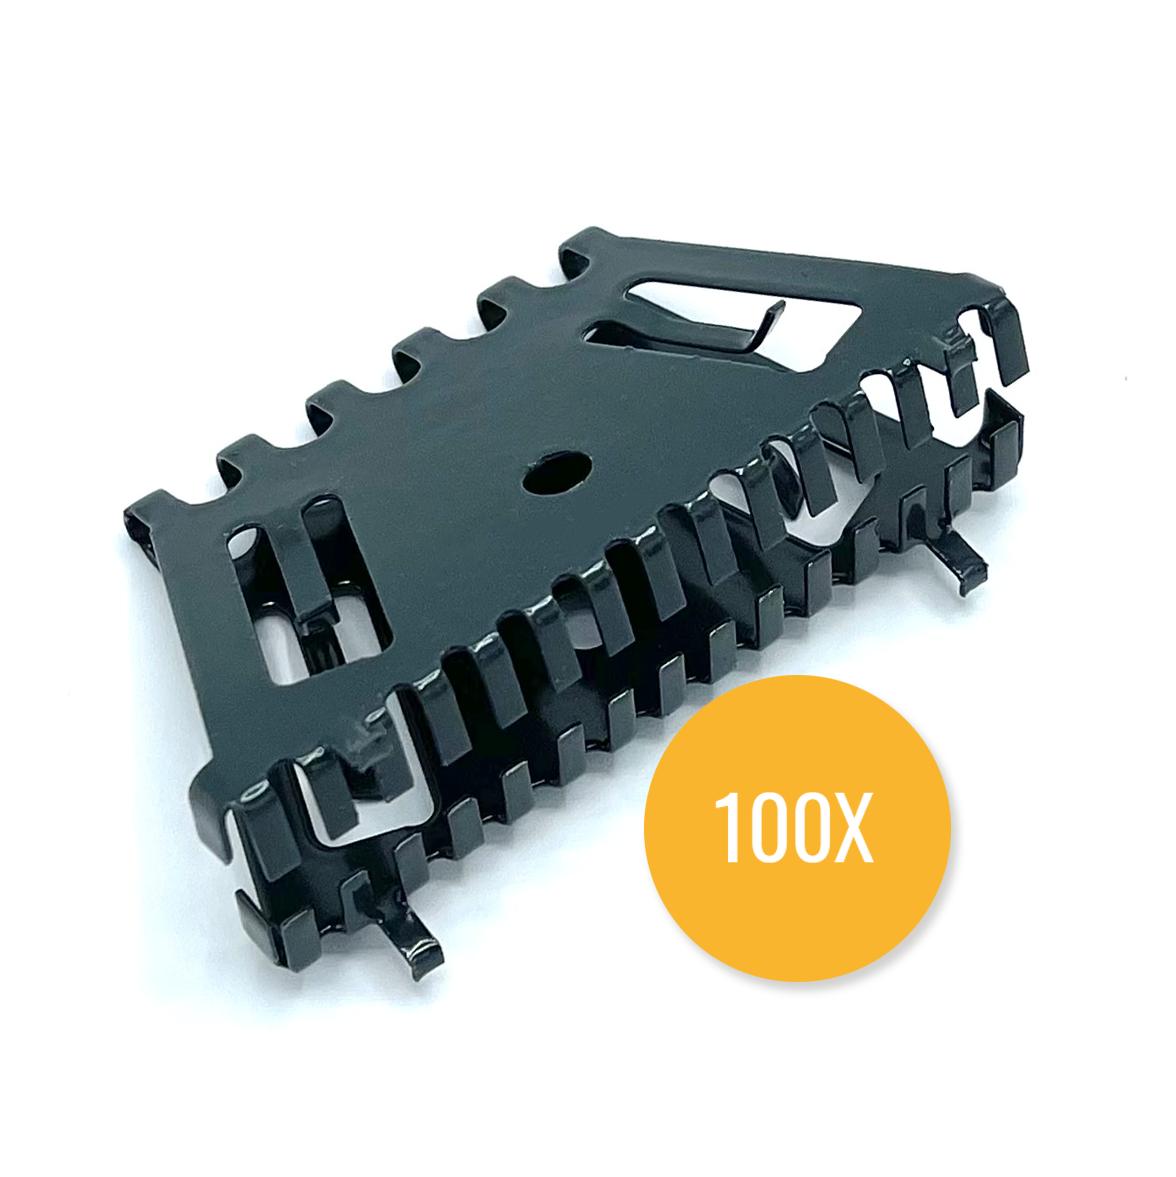 Bijenbekje 70mm RAL 7016 Antraciet (Set van 100 stuks) Stootvoegrooster